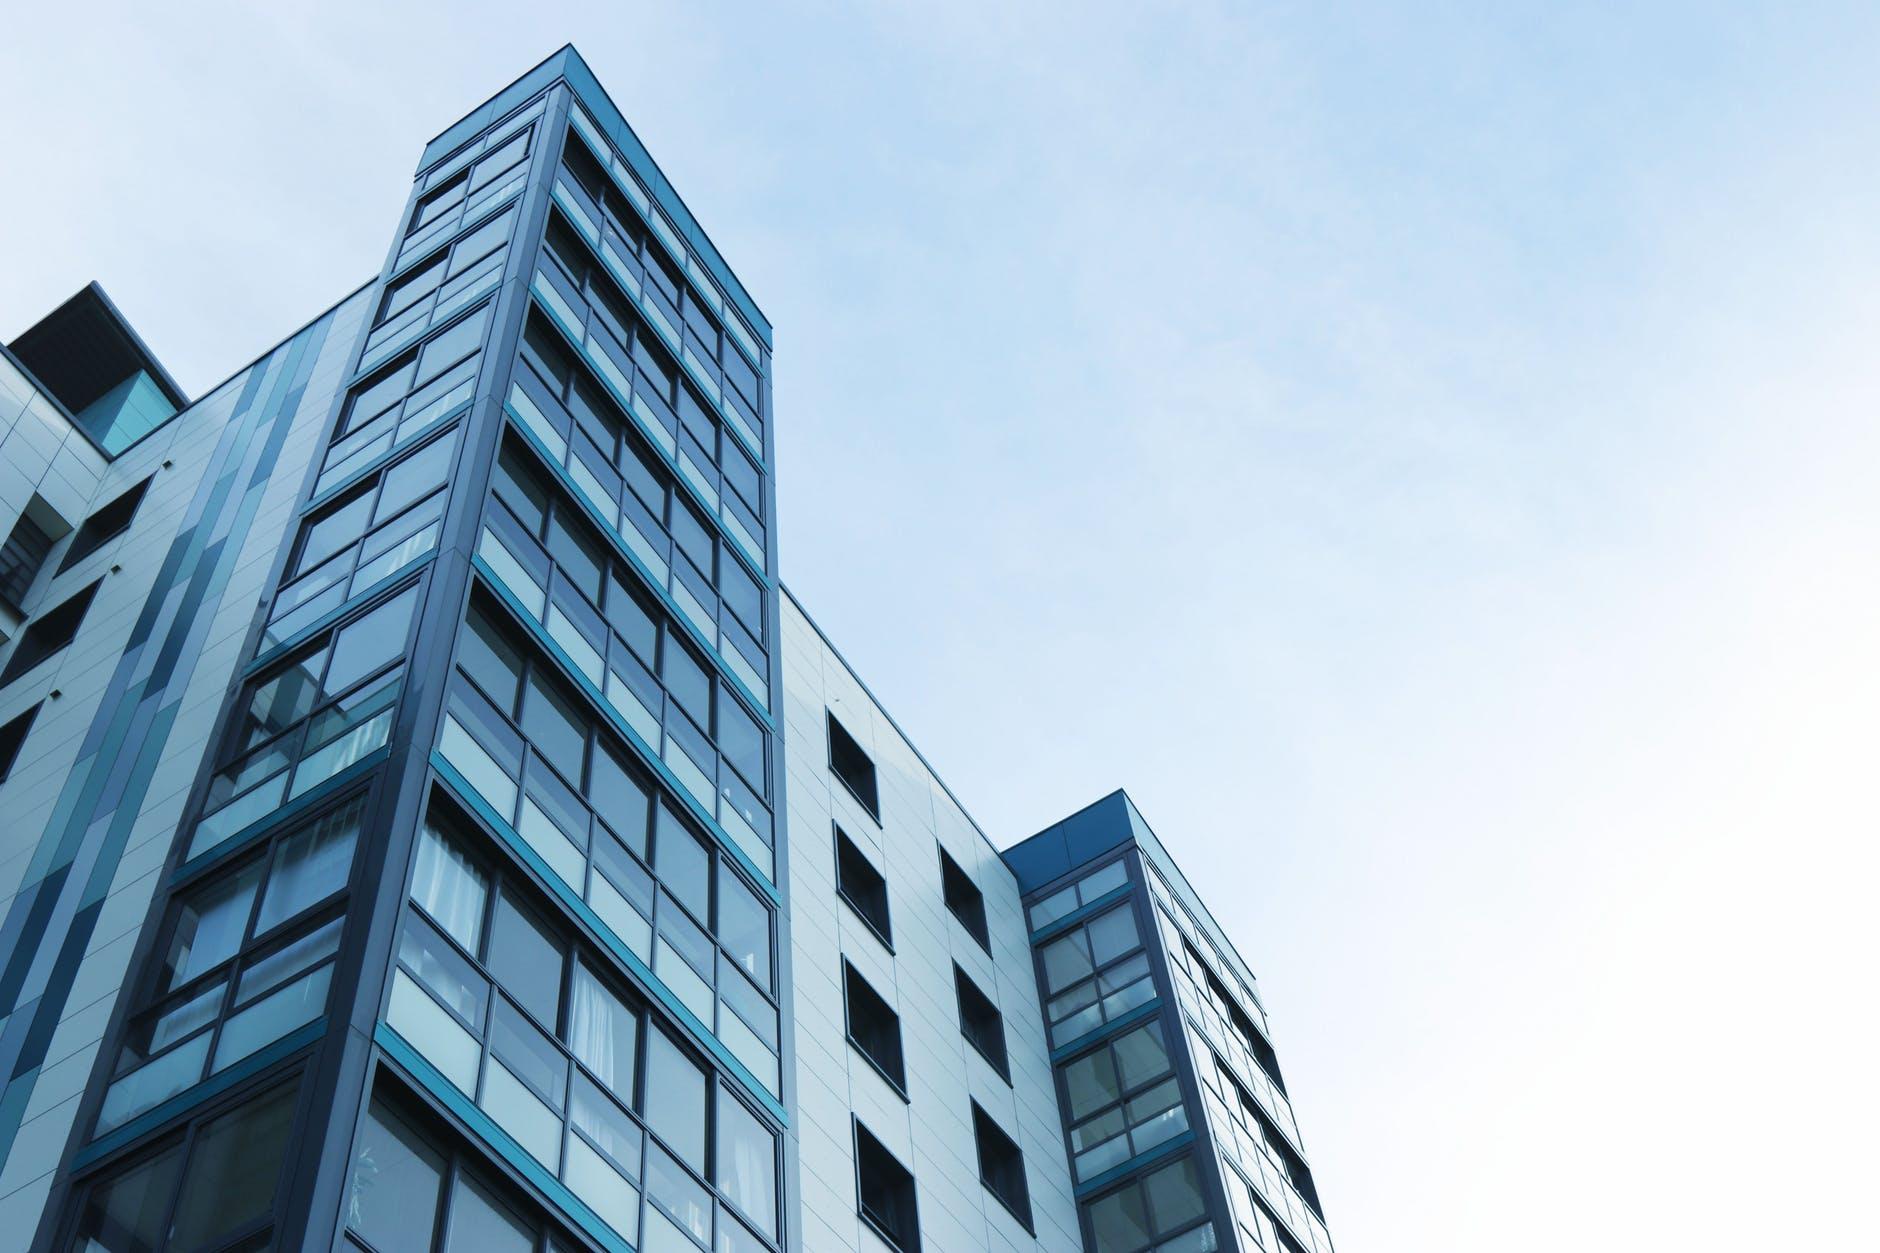 Сервисные апартаменты: что это и почему в них выгодно инвестировать в кризис?